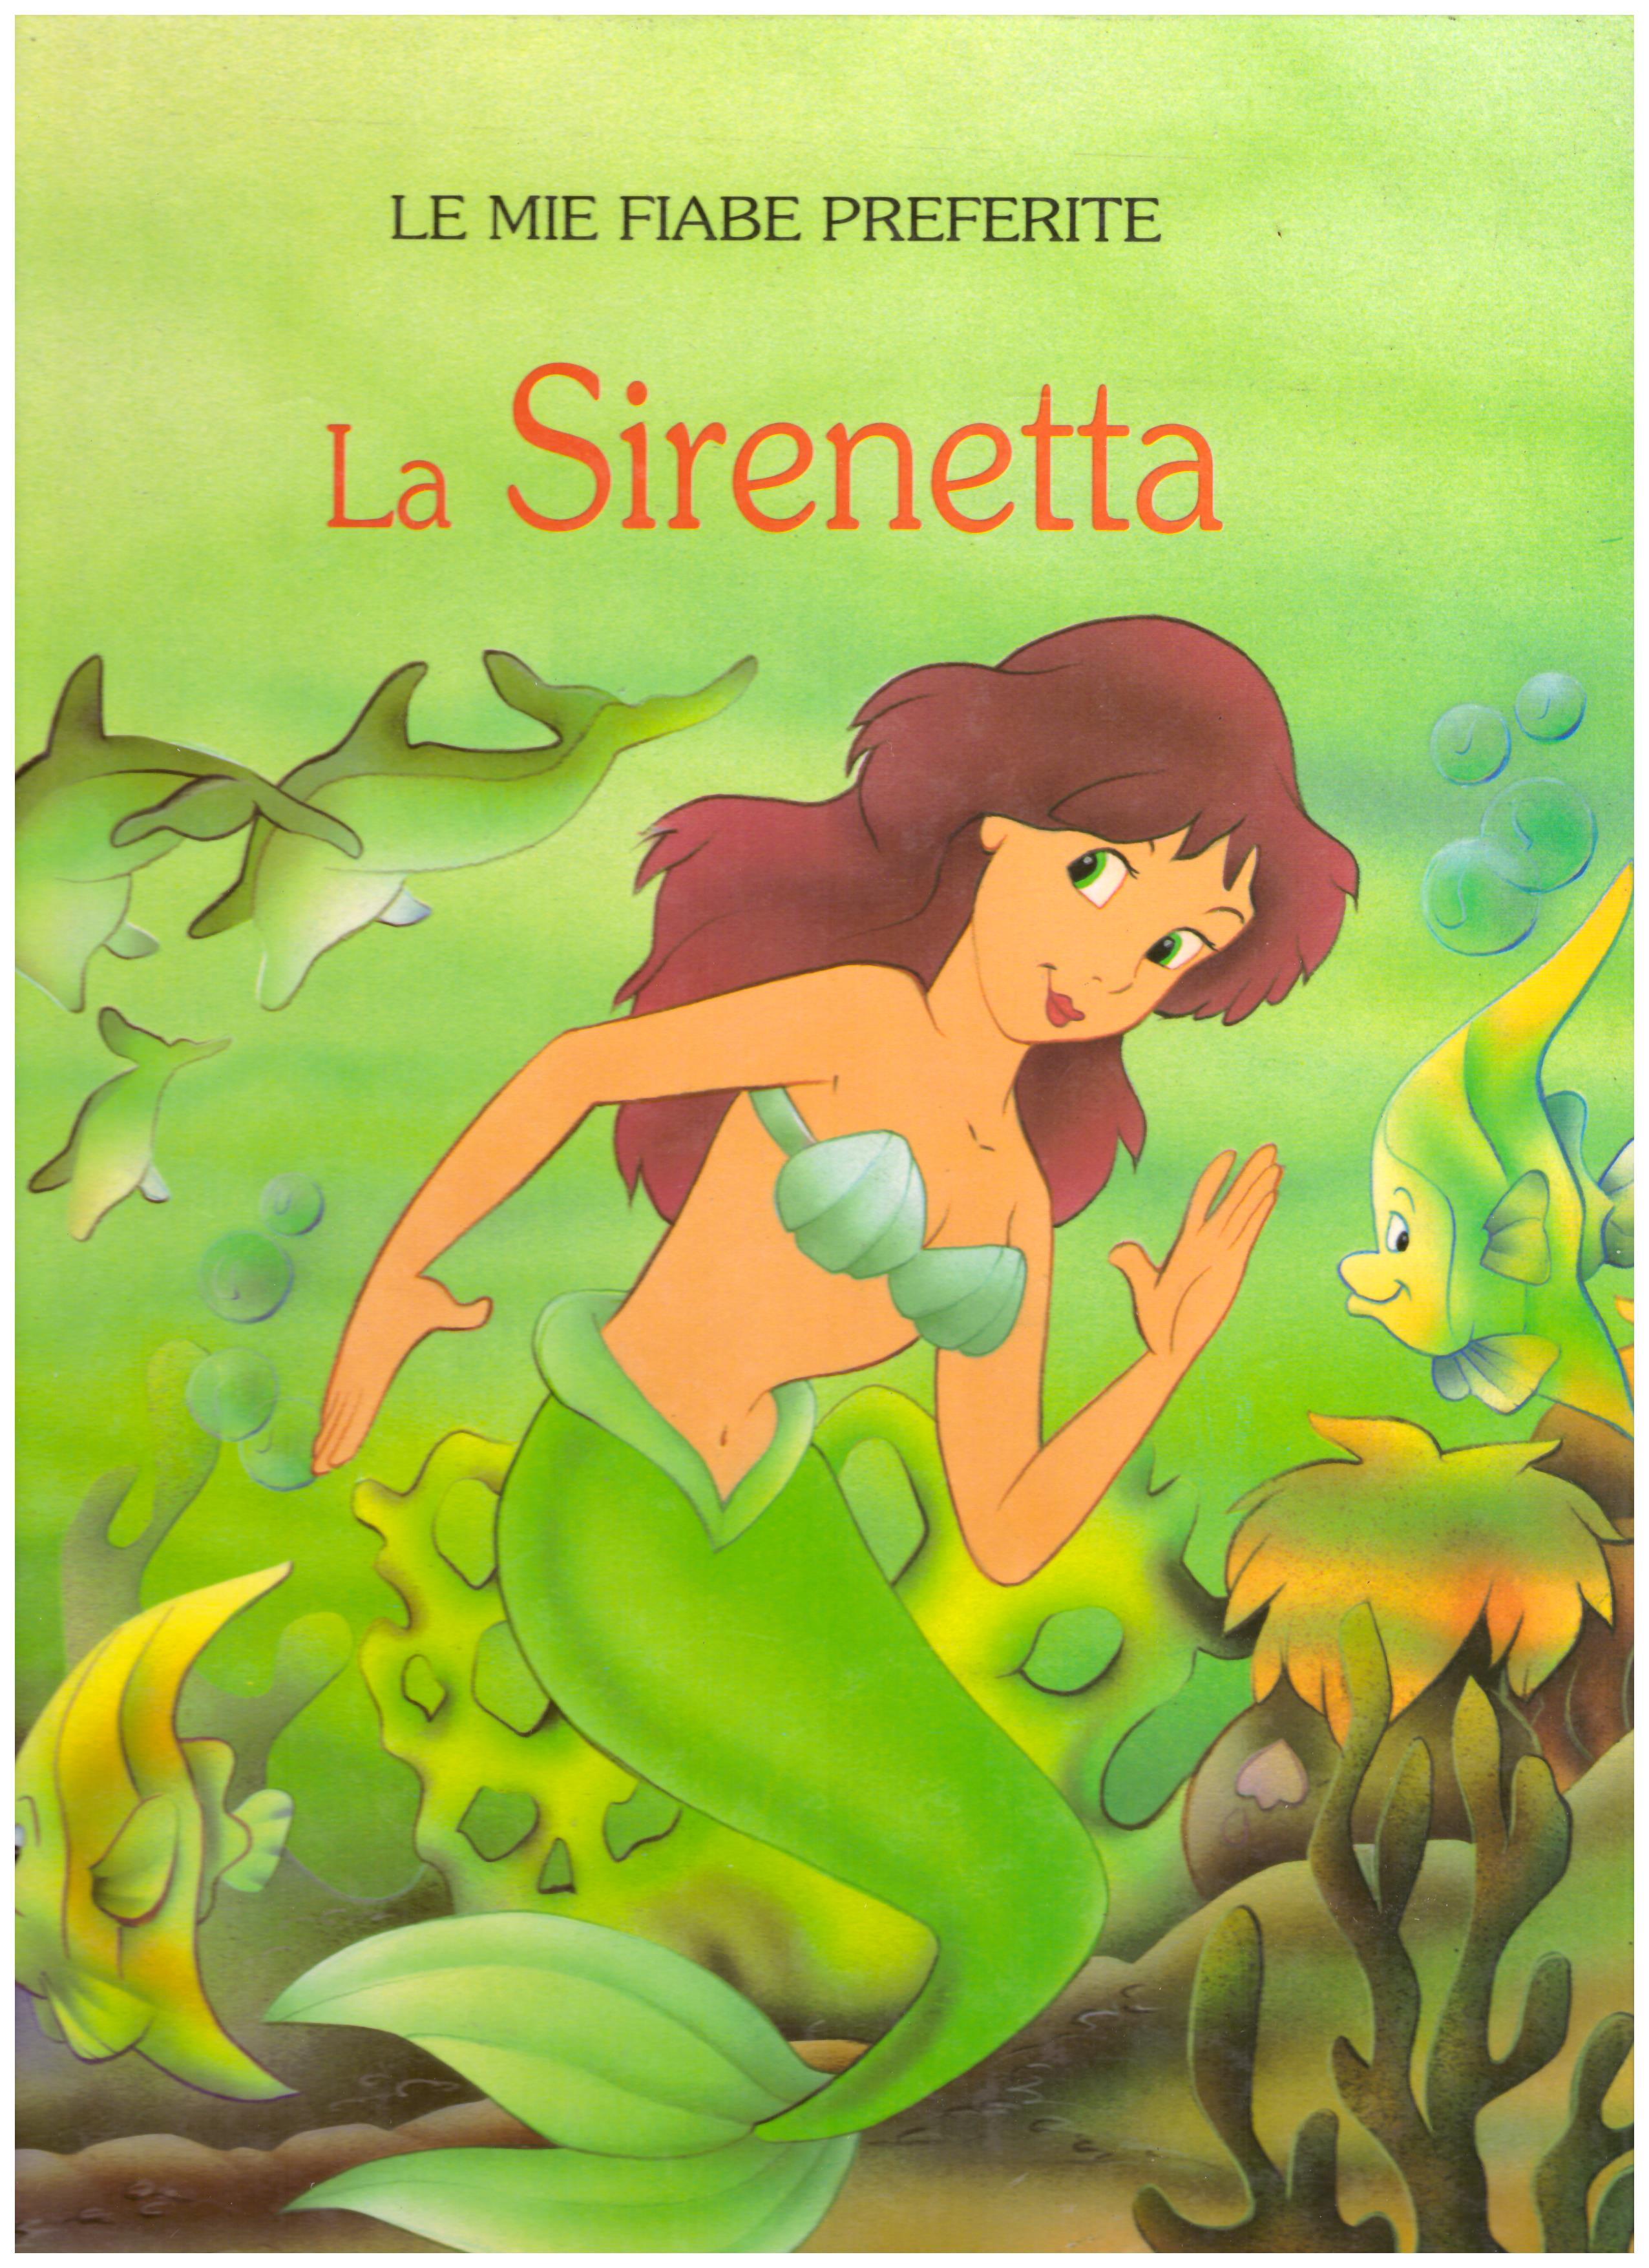 Titolo: La sirenetta     Autore: AA.VV.     Editore: Lito editrice